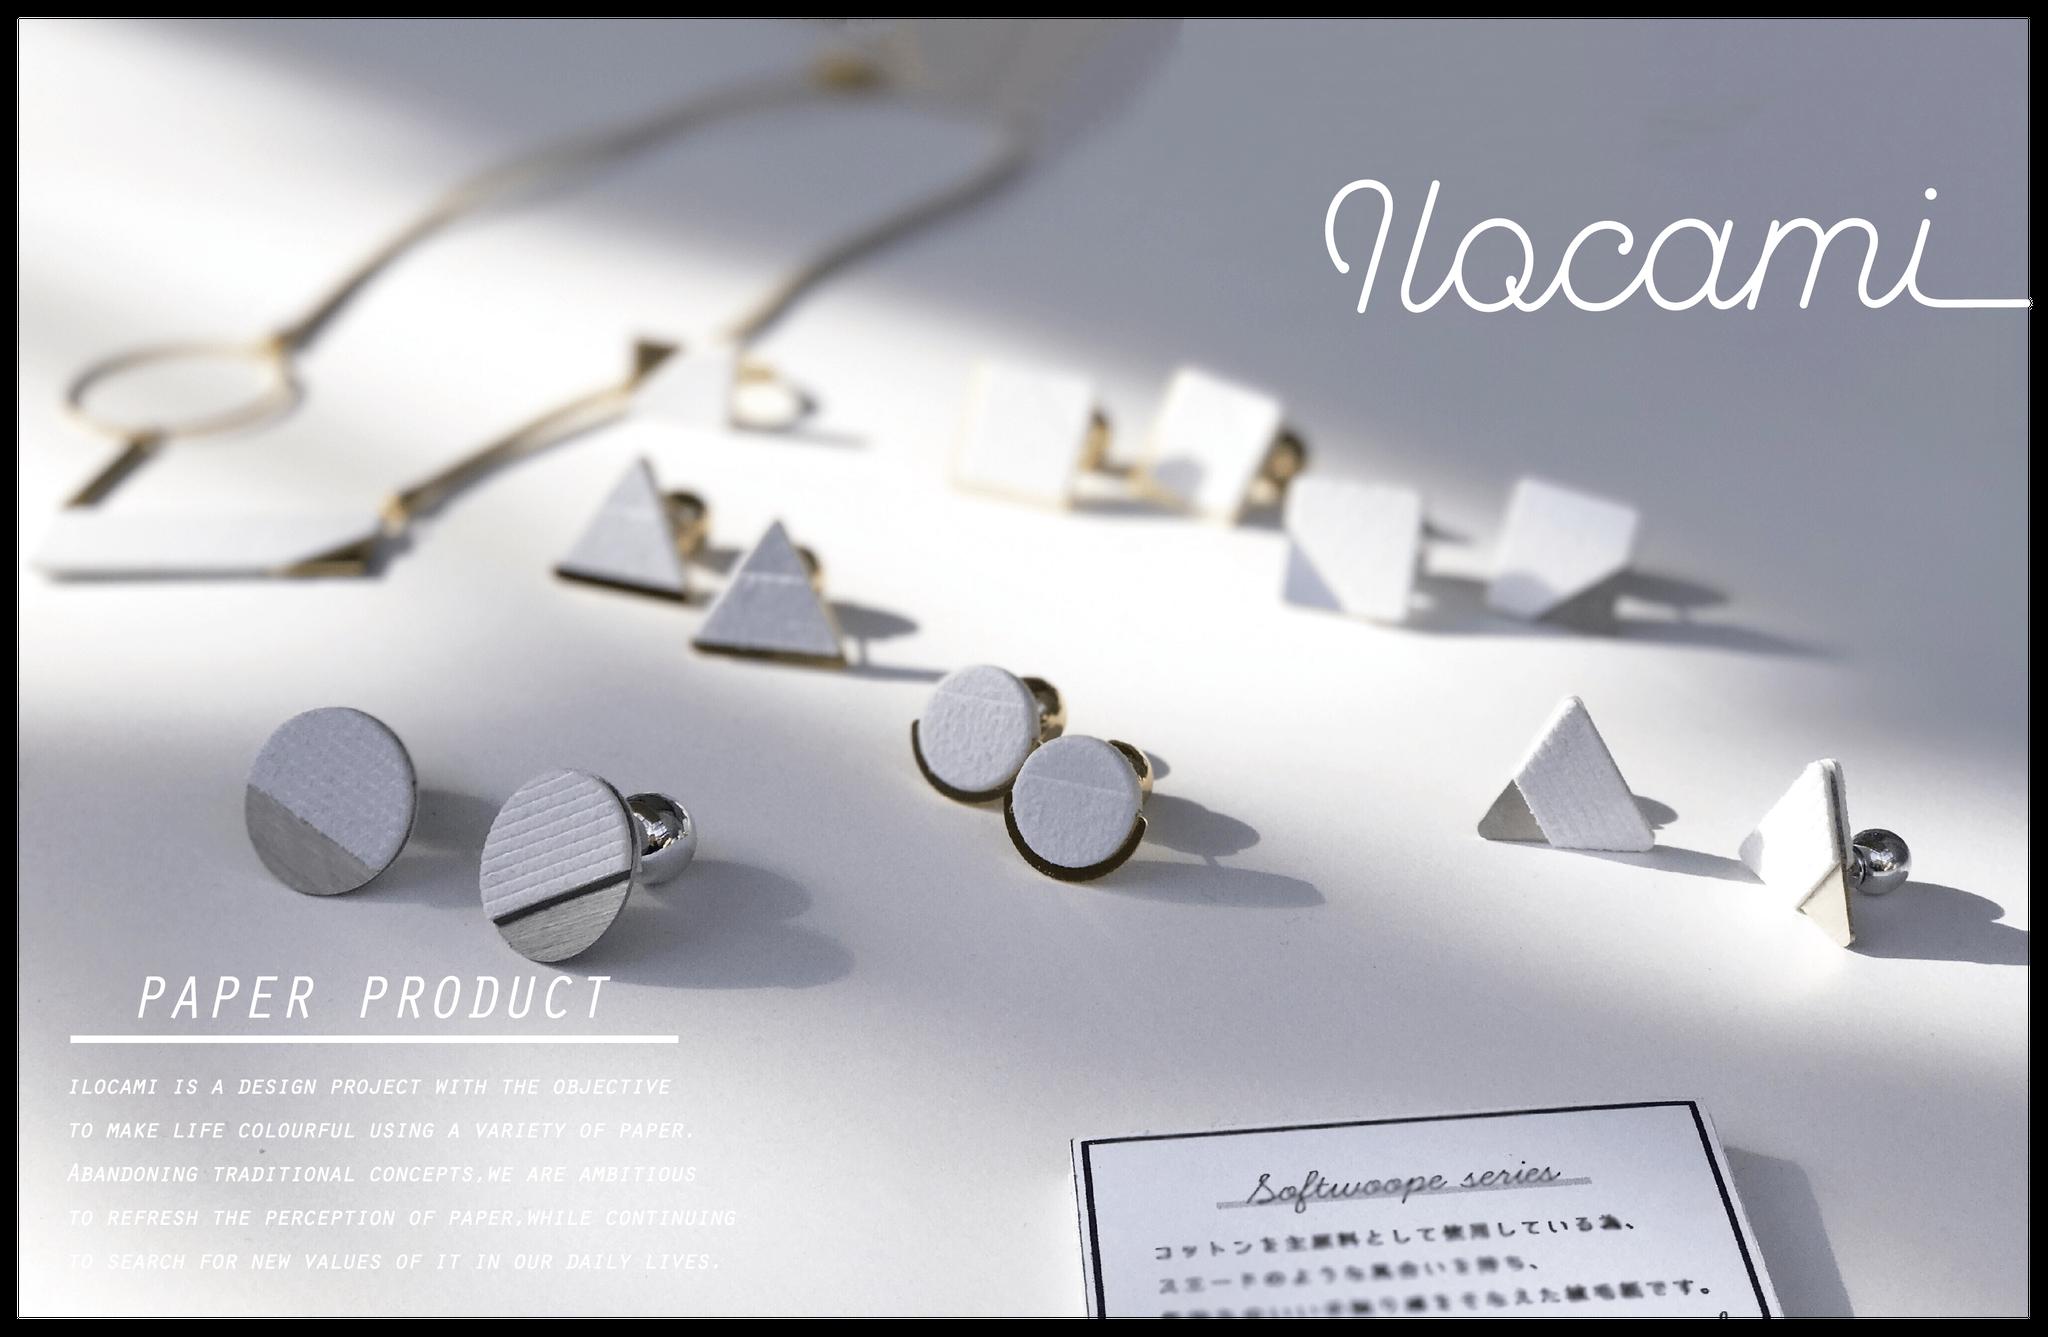 様々な紙から作られるpaper product『ilocami(イロカミ)』を大分から全国へ。